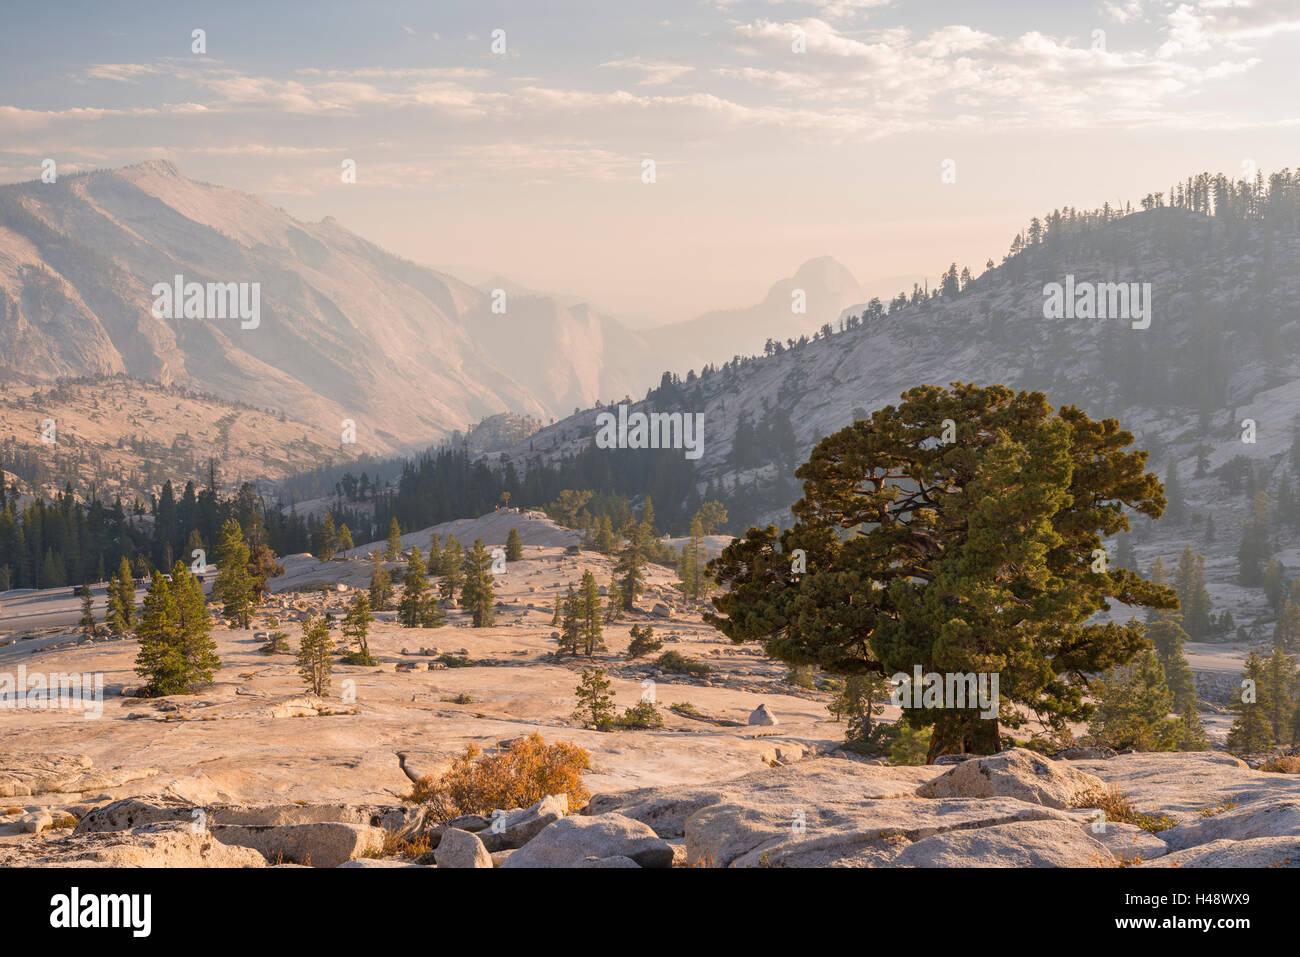 Demi-Dôme et nuages reste, depuis l'Olmsted Point, Yosemite National Park, California, USA. L'automne Photo Stock